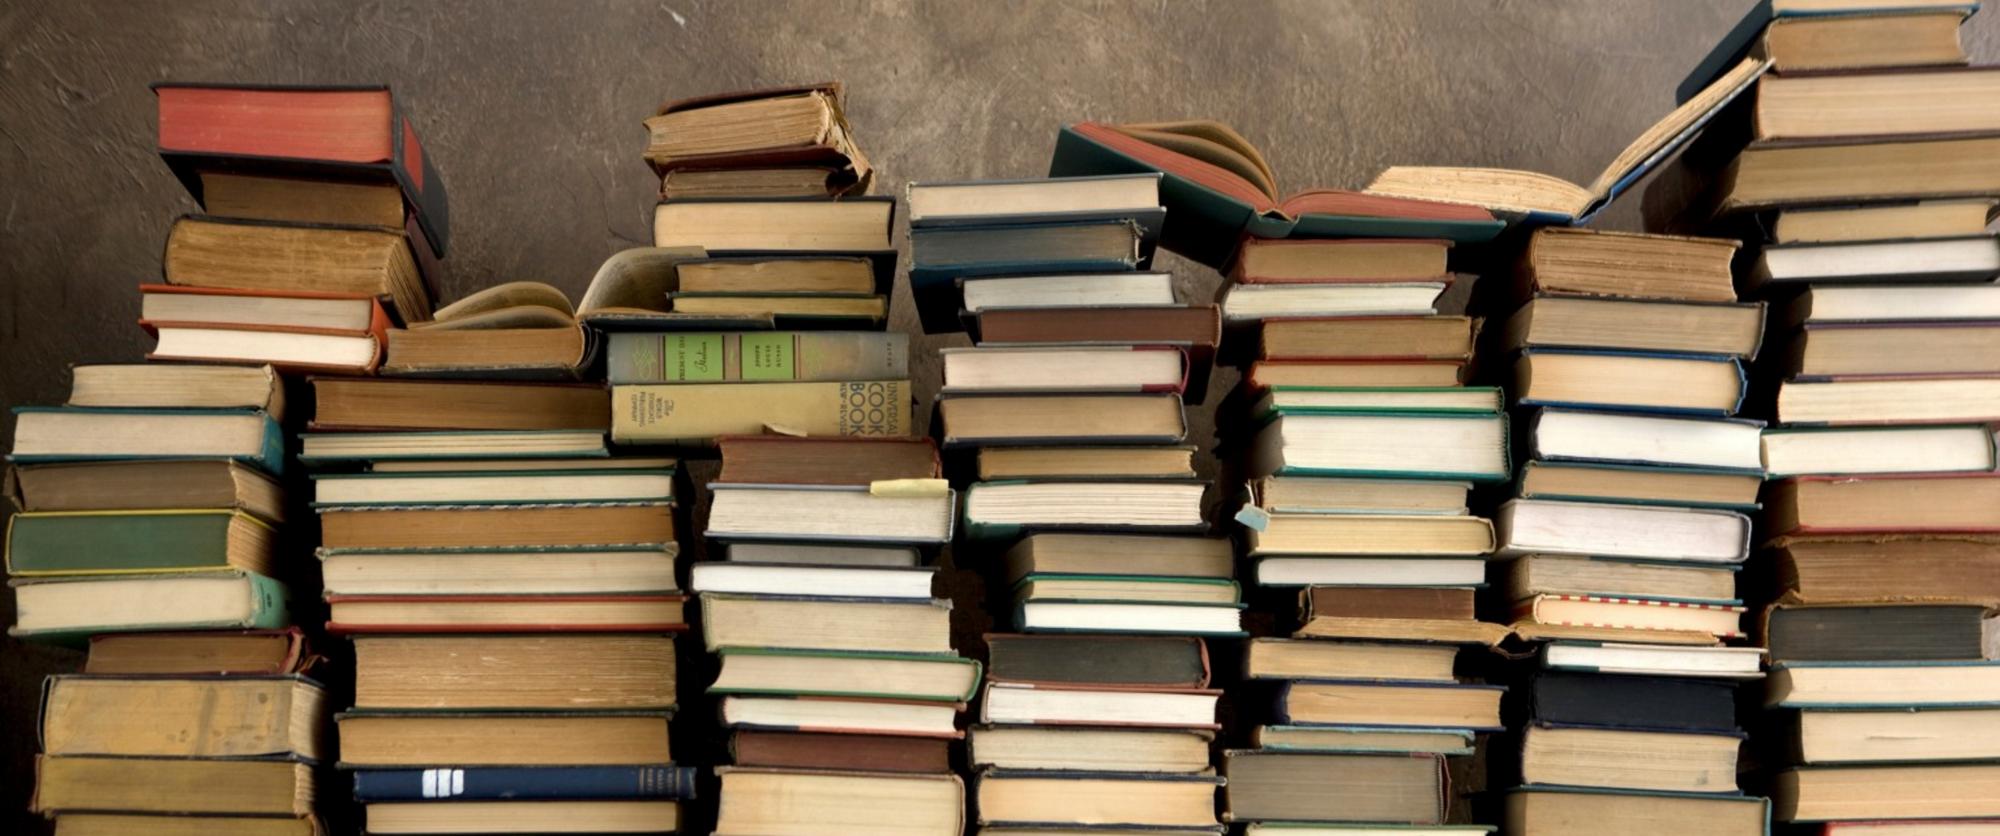 ١٧ كتاب عظيم يجب على كل مبتكر أن يقرأهم (جزء ١/٢)